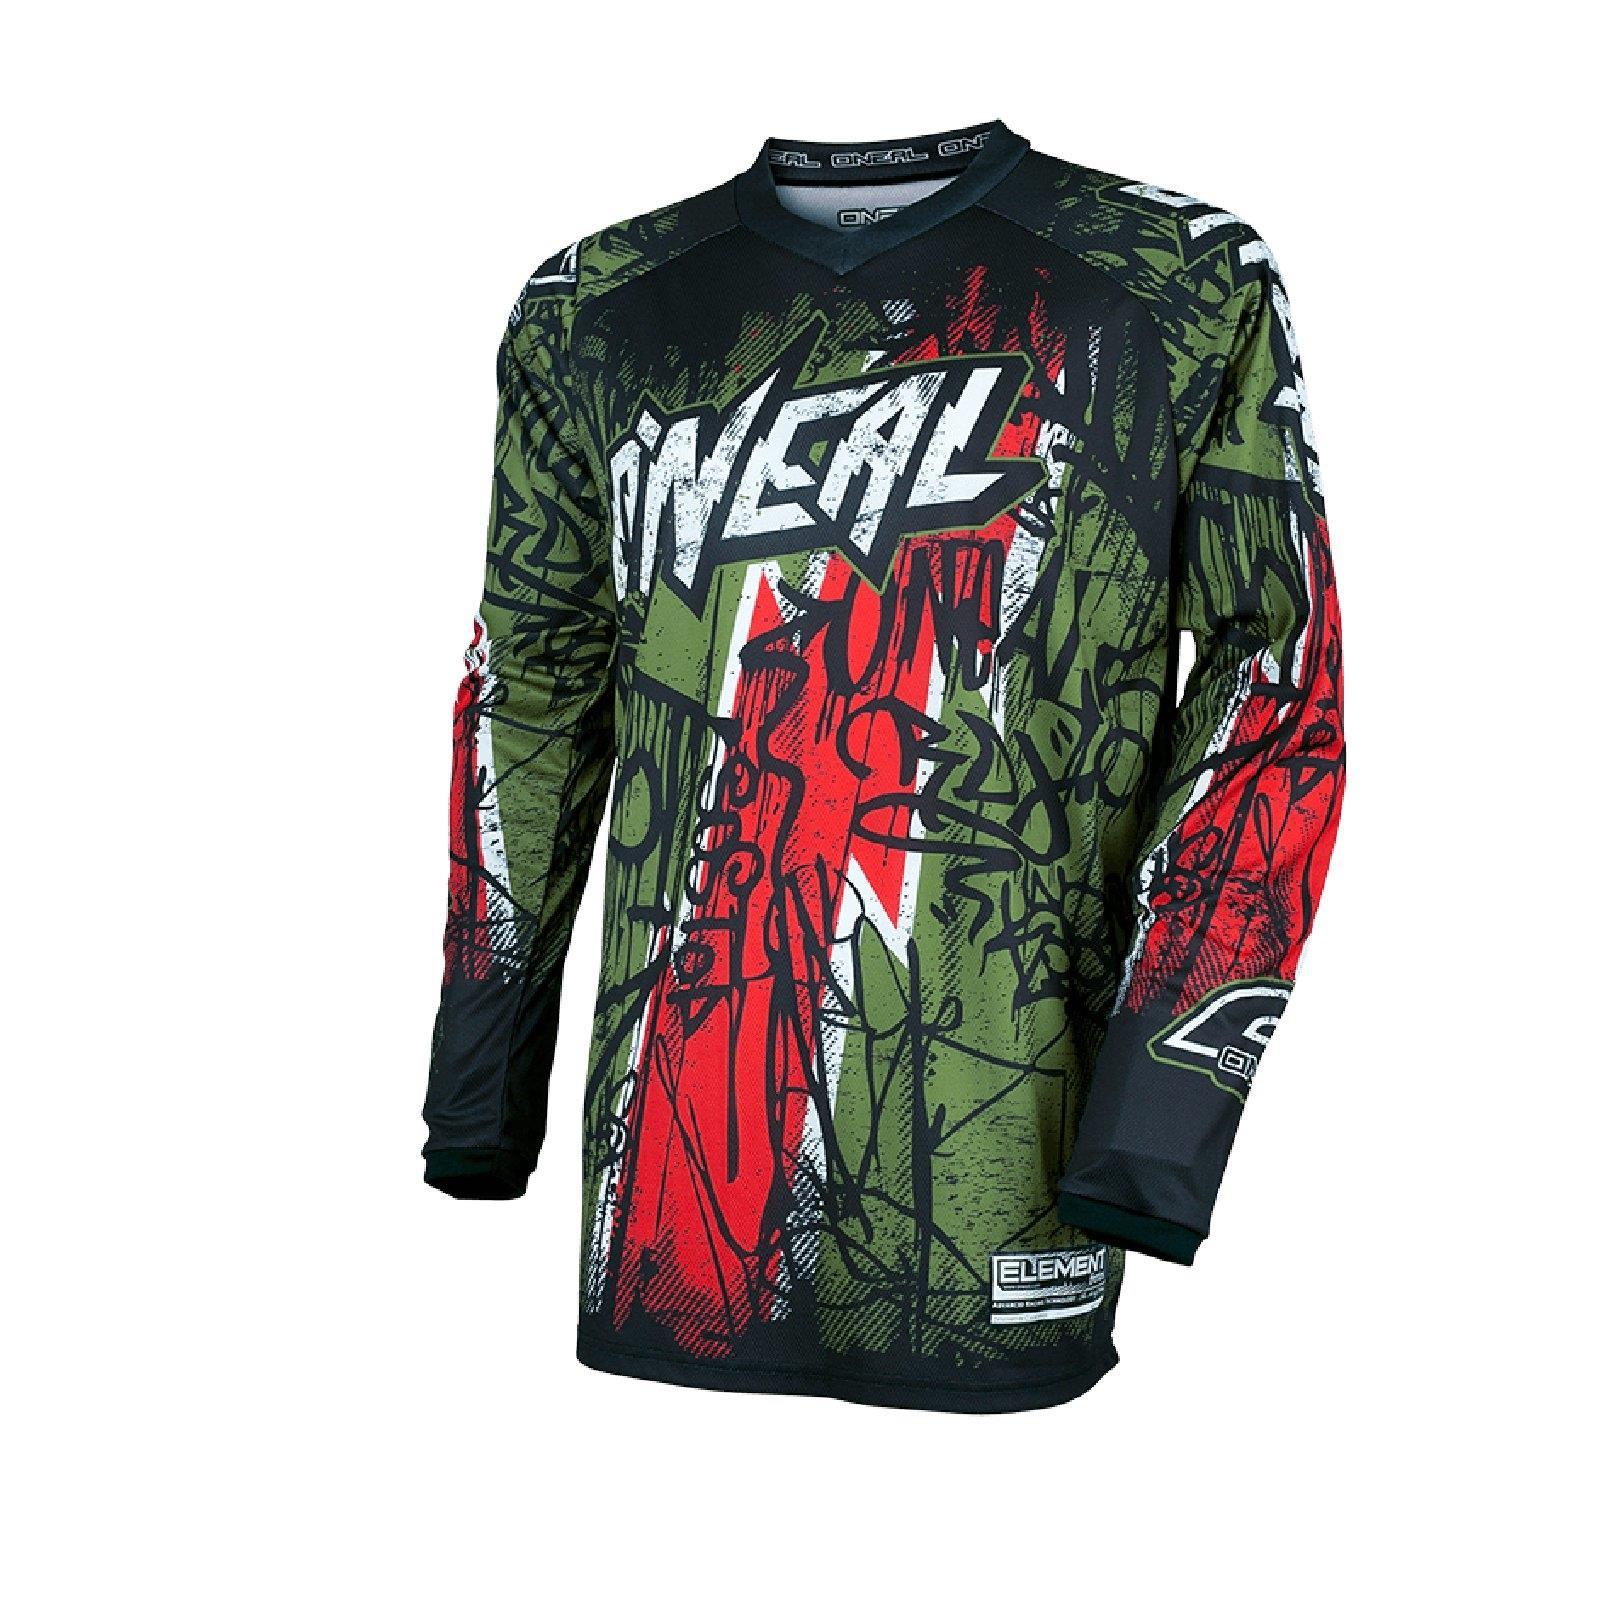 ONEAL-Element-MX-Jersey-VANDAL-maglietta-moto-cross-SX-ENDURO-conducente-Camicia-terreno miniatura 4